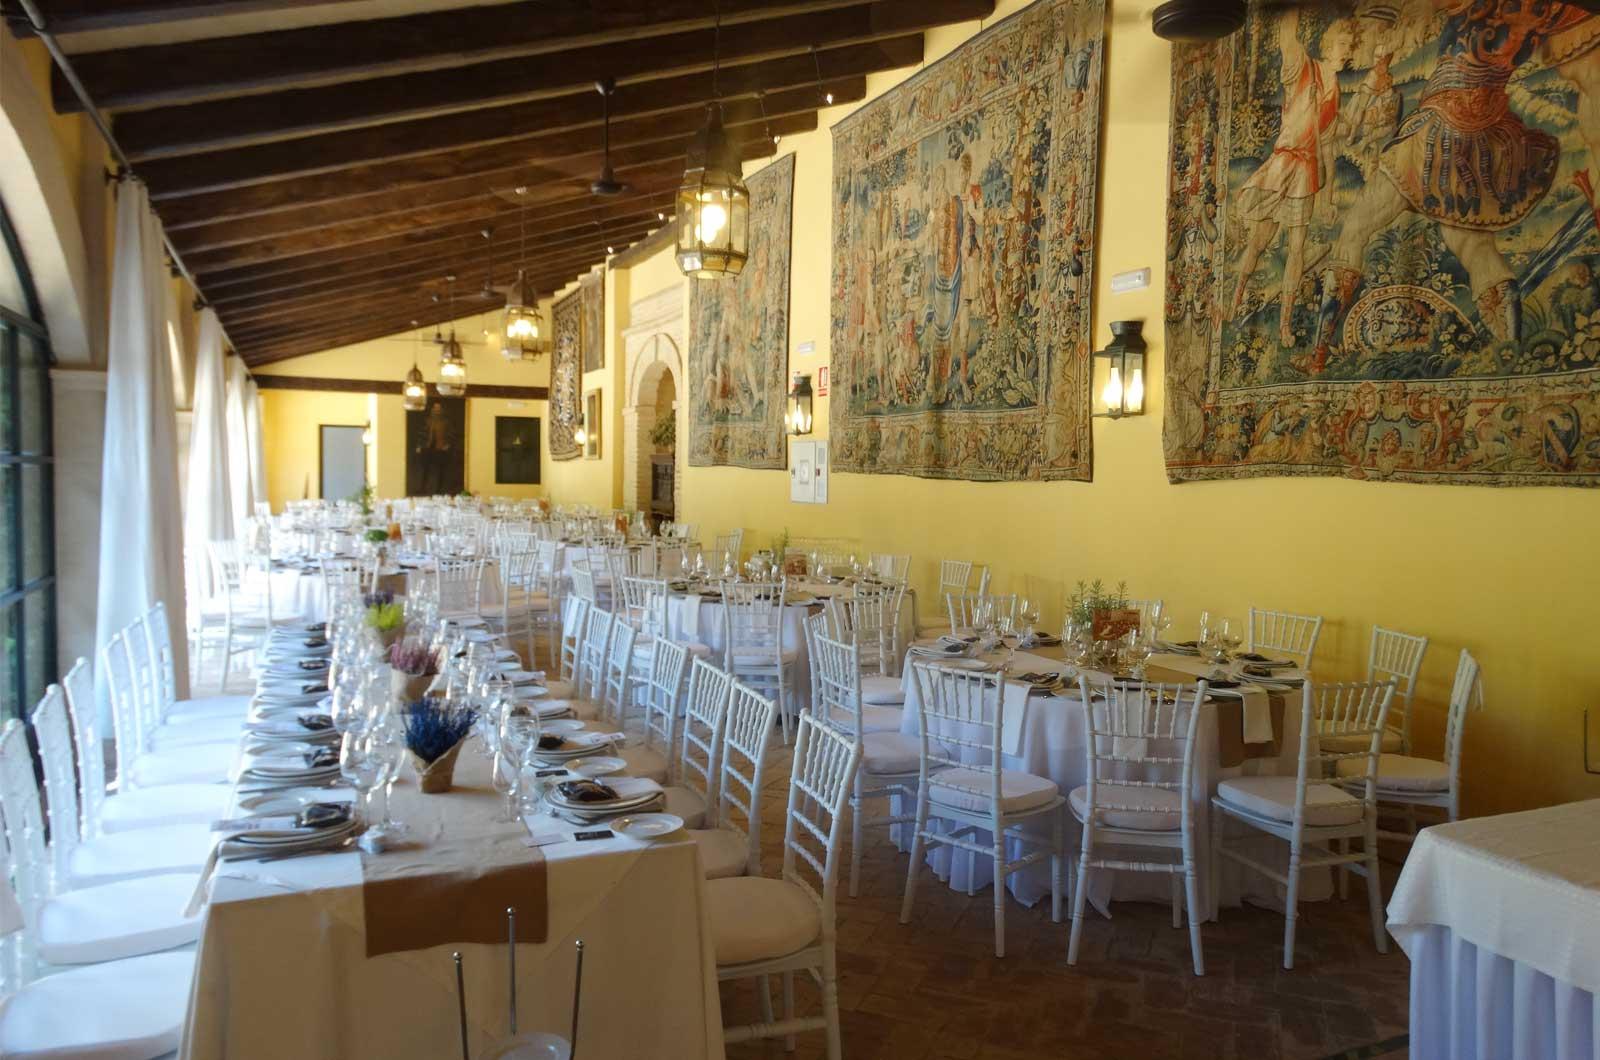 Castillo de la Monclova - salones<div style='clear:both;width:100%;height:0px;'></div><span class='cat'>Castillo de la Monclova</span><div style='clear:both;width:100%;height:0px;'></div><span class='desc'>Castillo de la Monclova - salones</span>